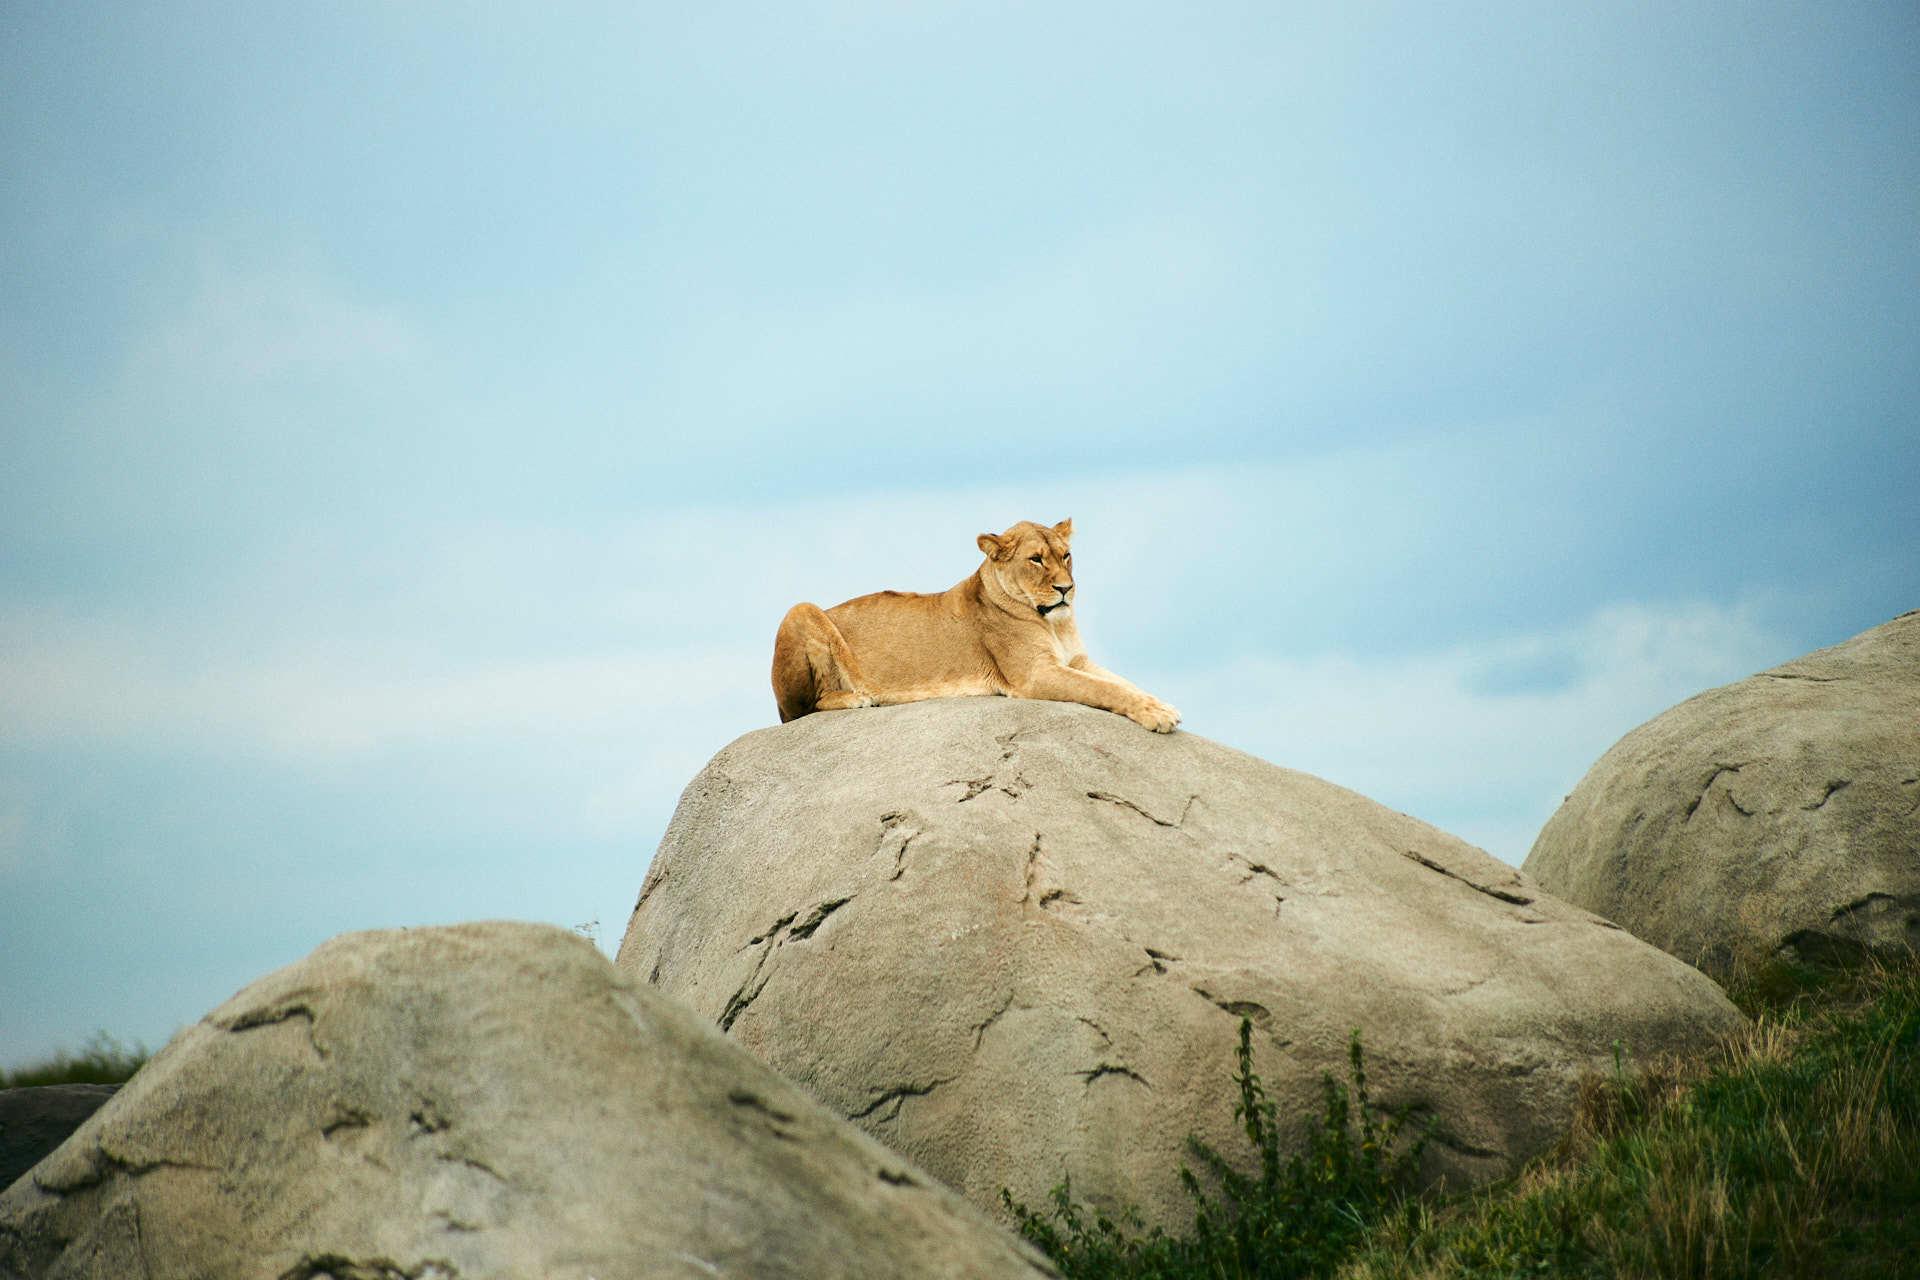 Wildlands leeuwin